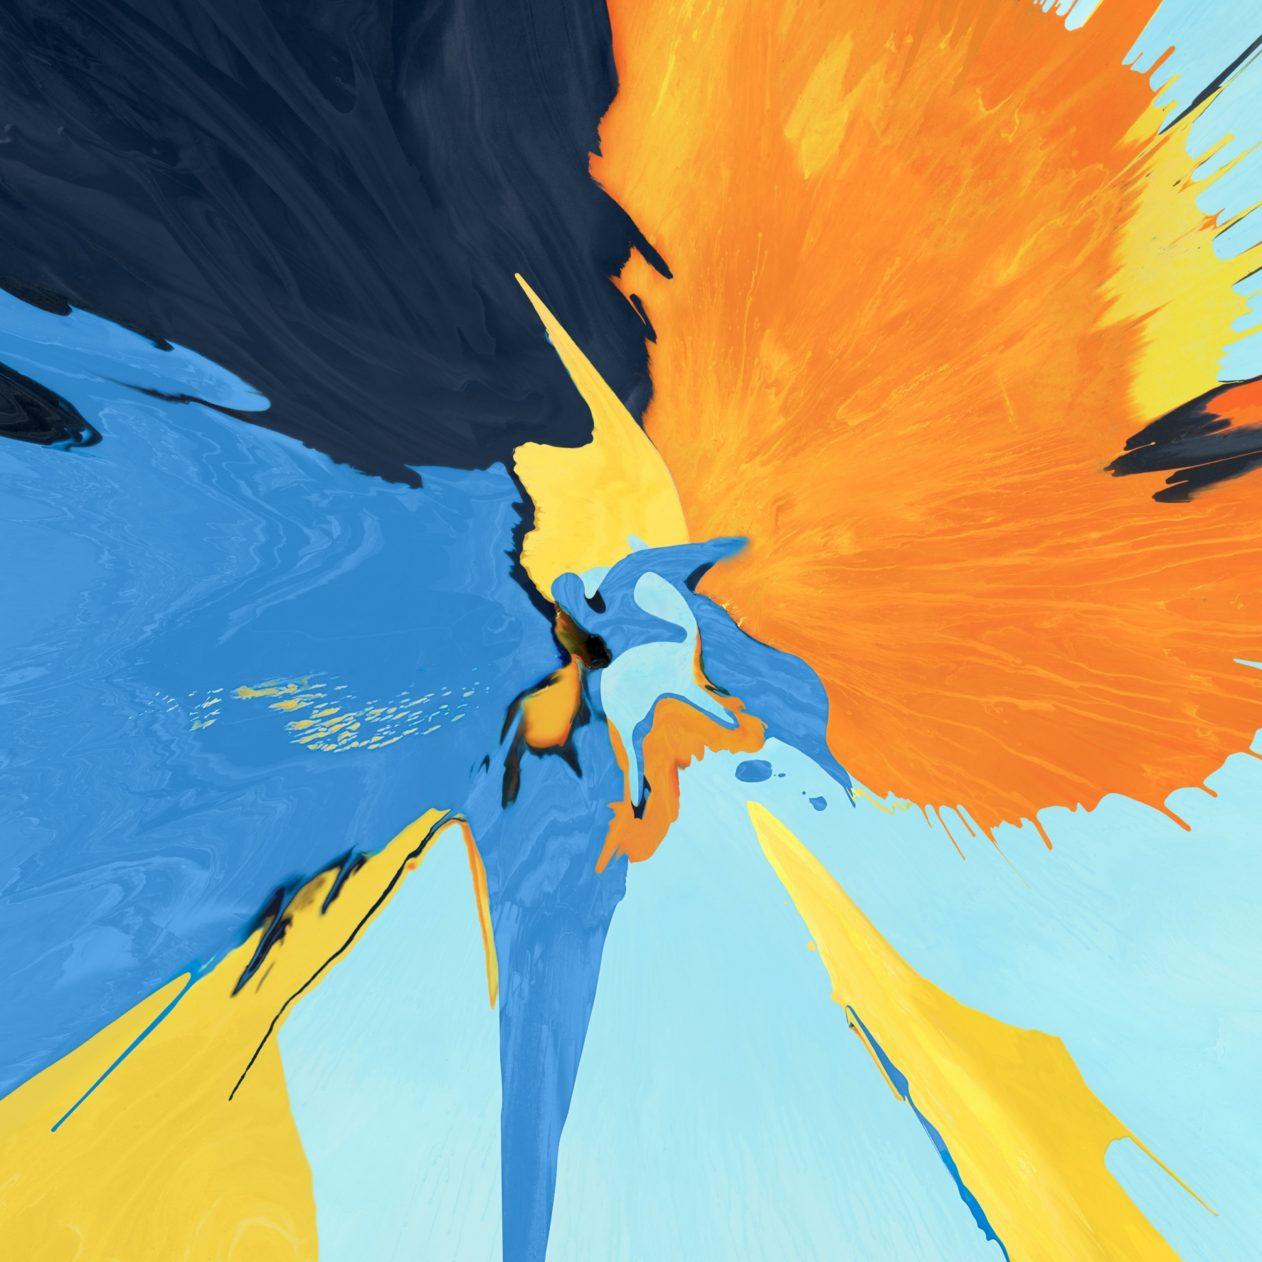 1262x1262 Parallax wallpaper 4k Splash Blue Yellow Black Ipad Wallpaper 1262x1262 pixels resolution